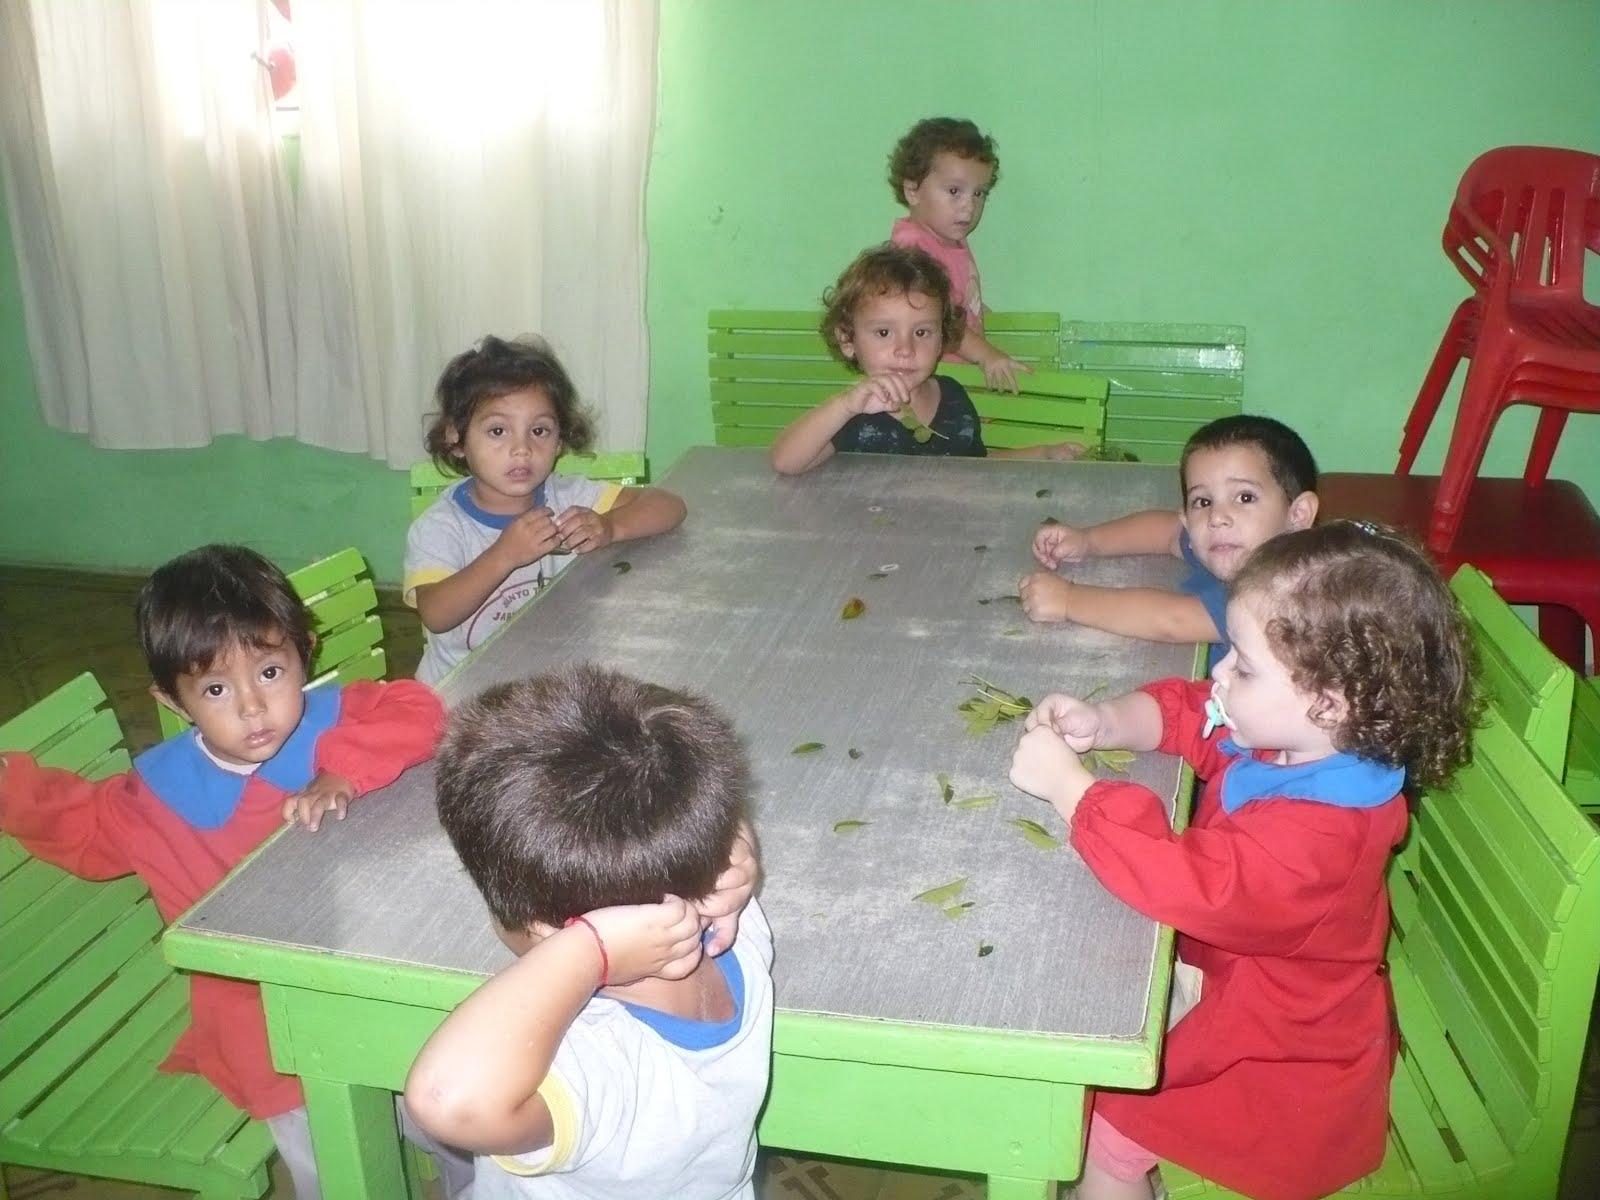 Jard n maternal las aventuras de cristian y diego marzo 2012 for Adaptacion jardin maternal